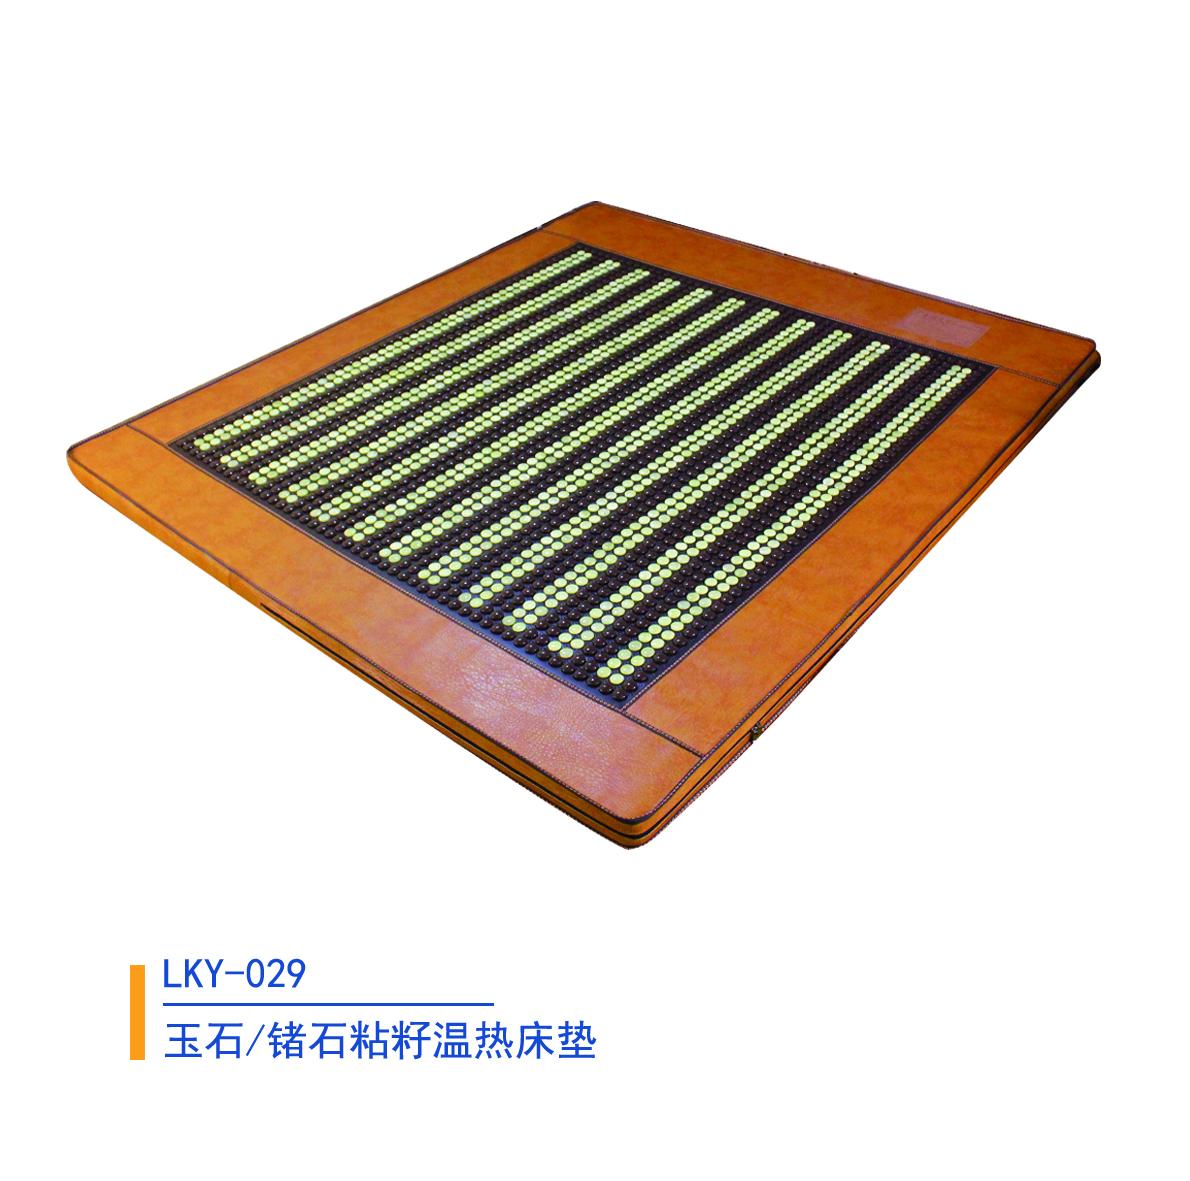 玉石锗石粘籽温热床垫029